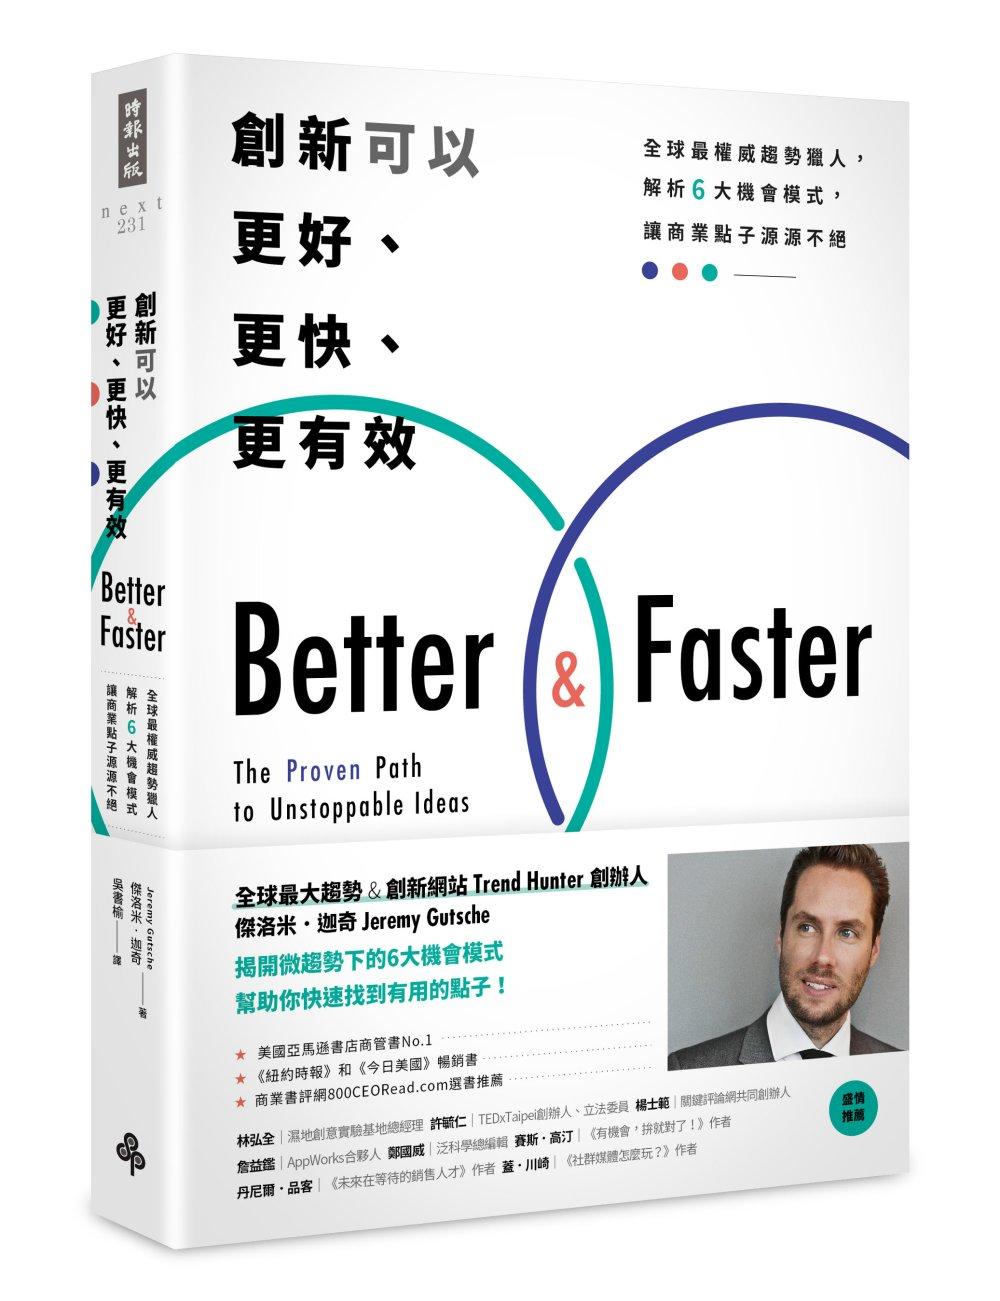 ◤博客來BOOKS◢ 暢銷書榜《推薦》創新可以更好、更快、更有效:全球最權威趨勢獵人,解析6大機會模式,讓商業點子源源不絕